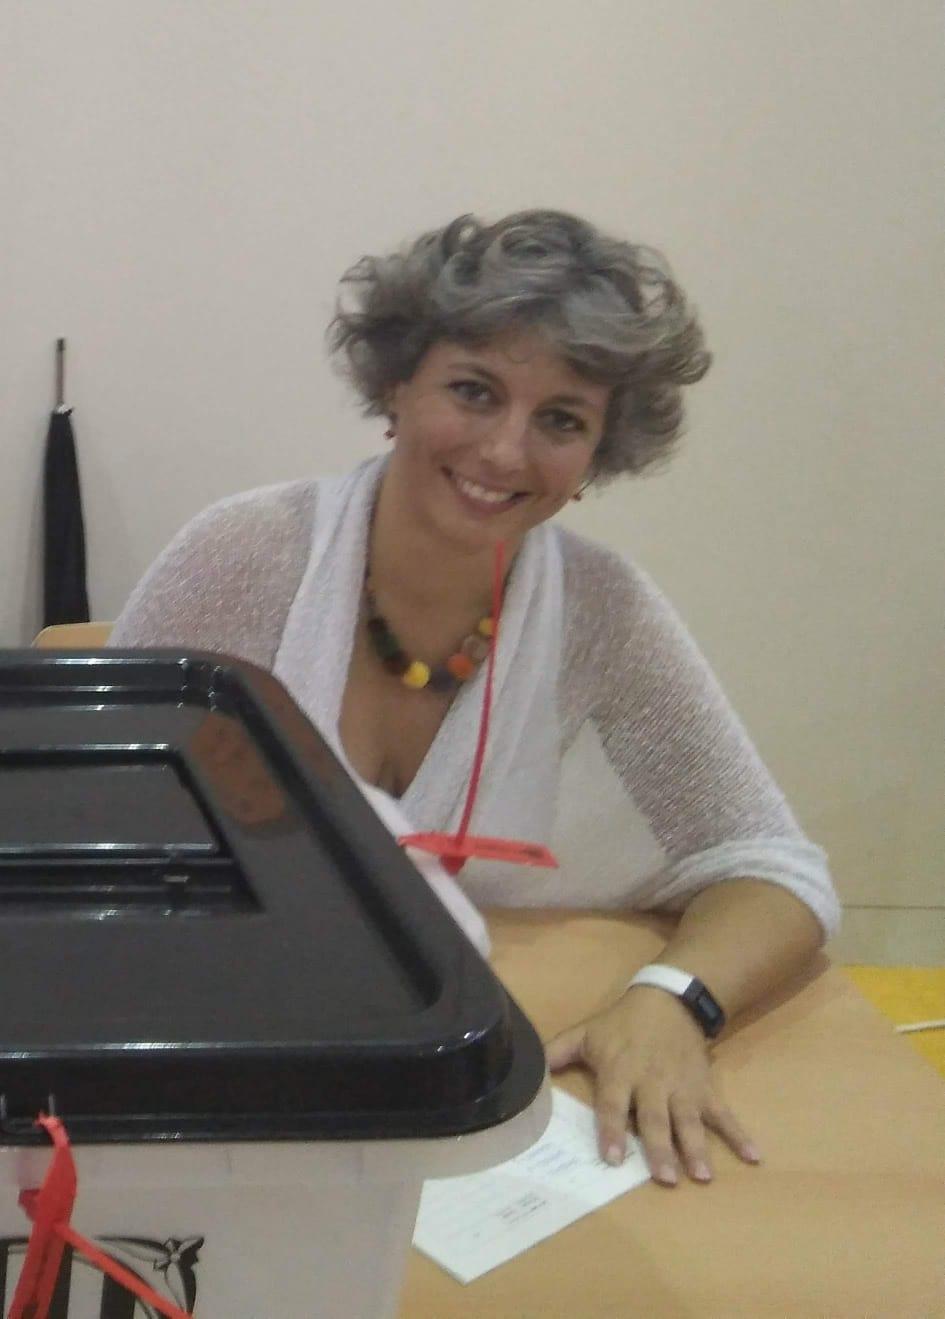 Ana balsošanas iecirknī 2017. gada 1. oktobrī. Foto: Ana Garcia